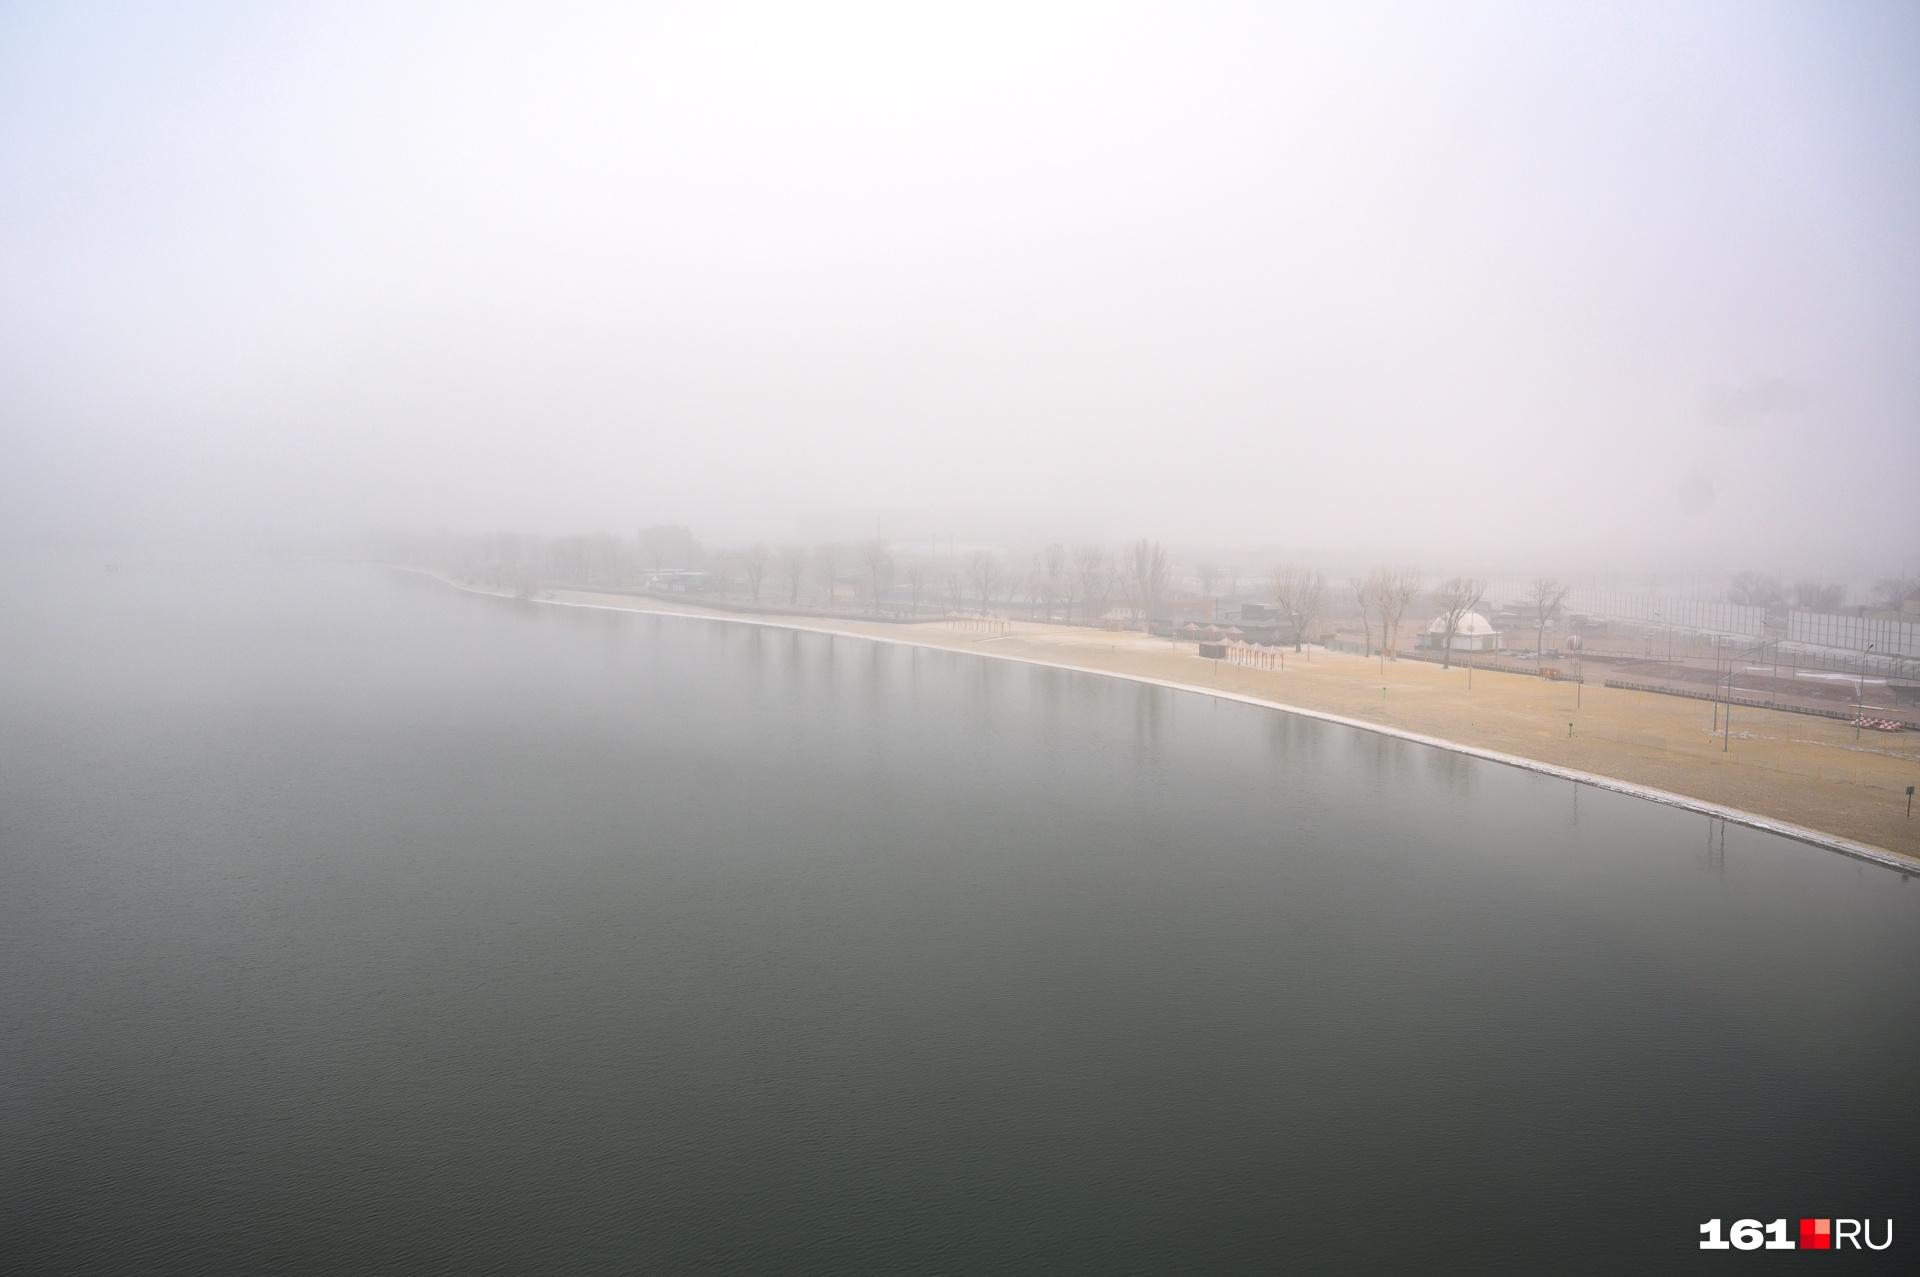 Где-то за дымкой должна быть «Ростов Арена»